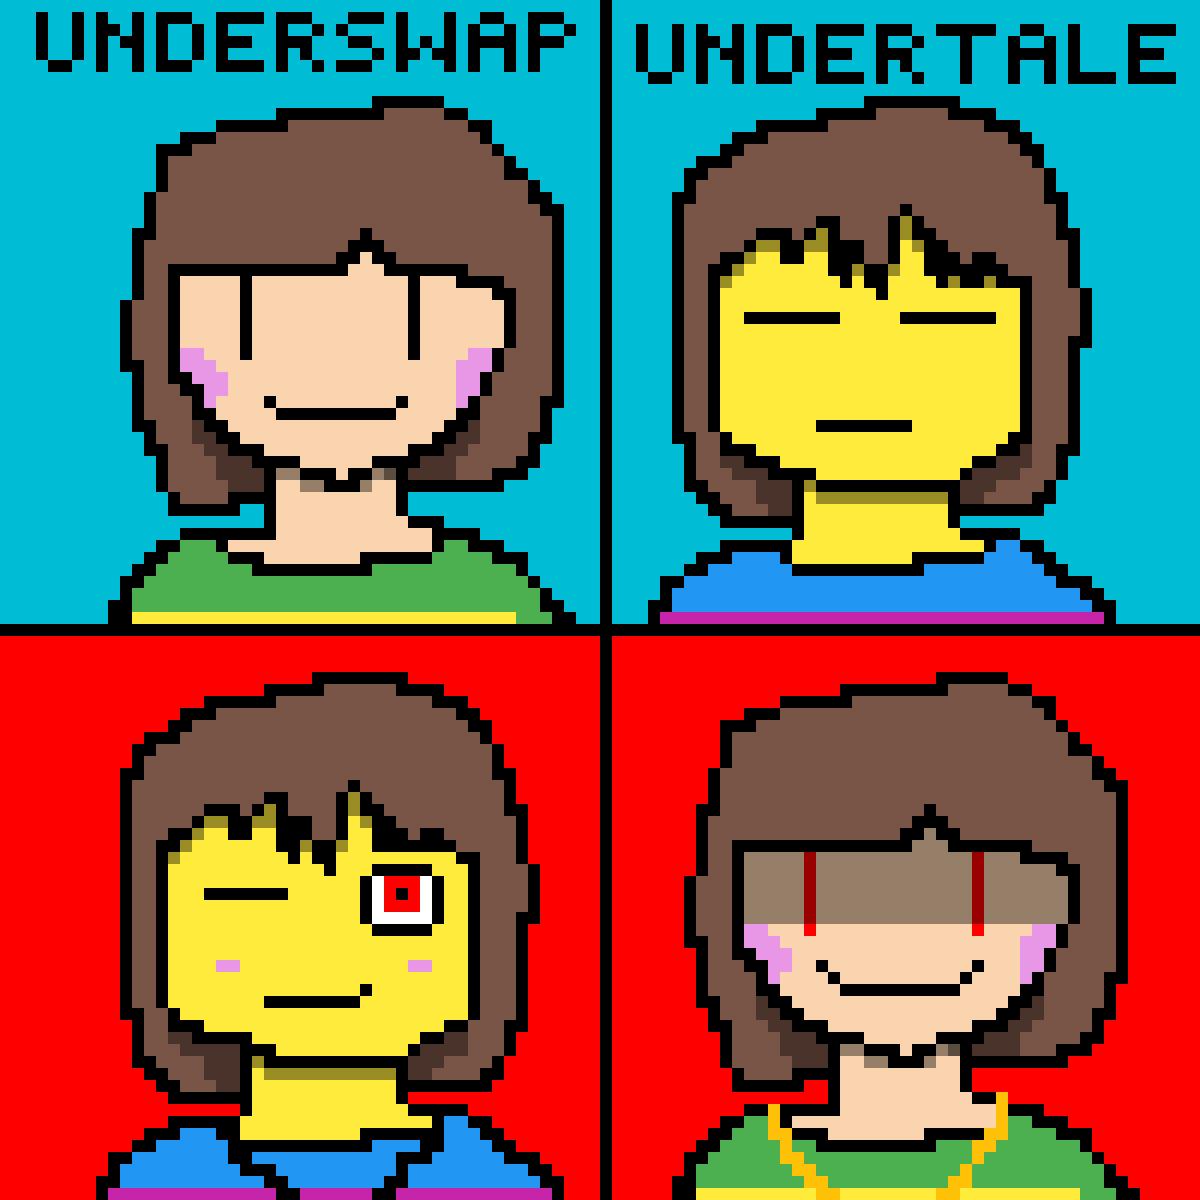 Underswap-Undertale by TheFemaleGamer